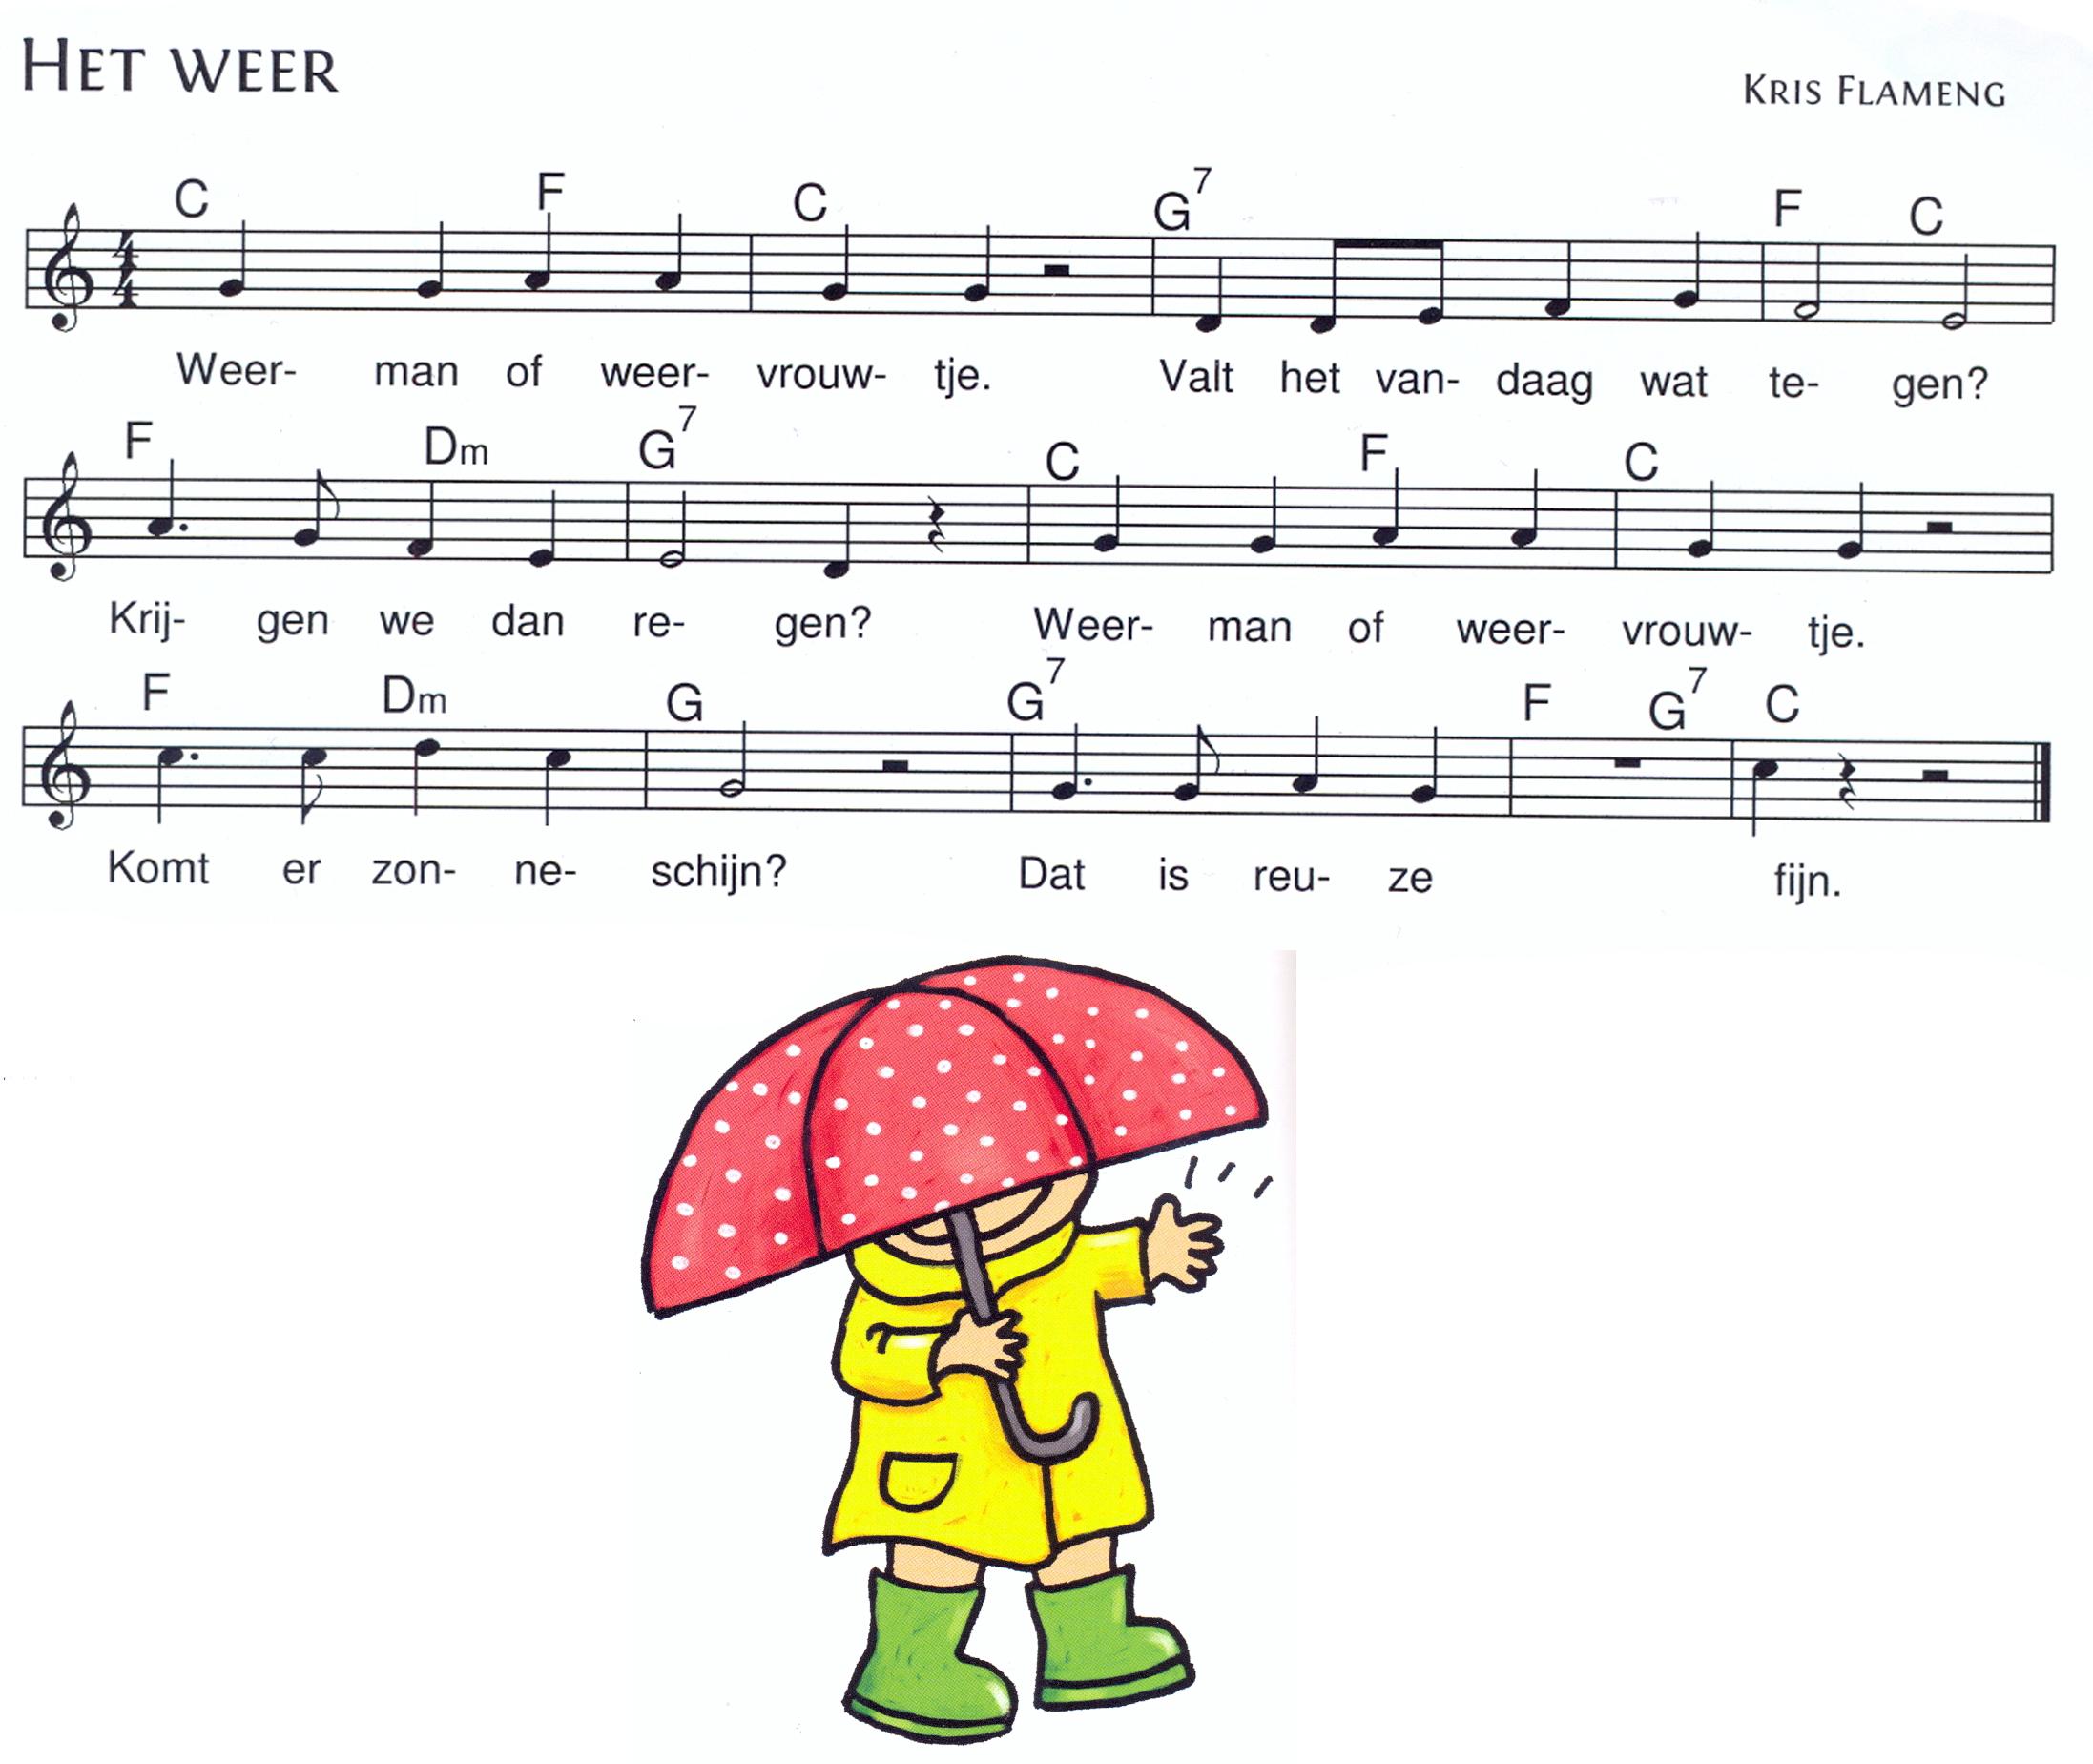 liedje: het weer | versjes-liedjes | Pinterest | School